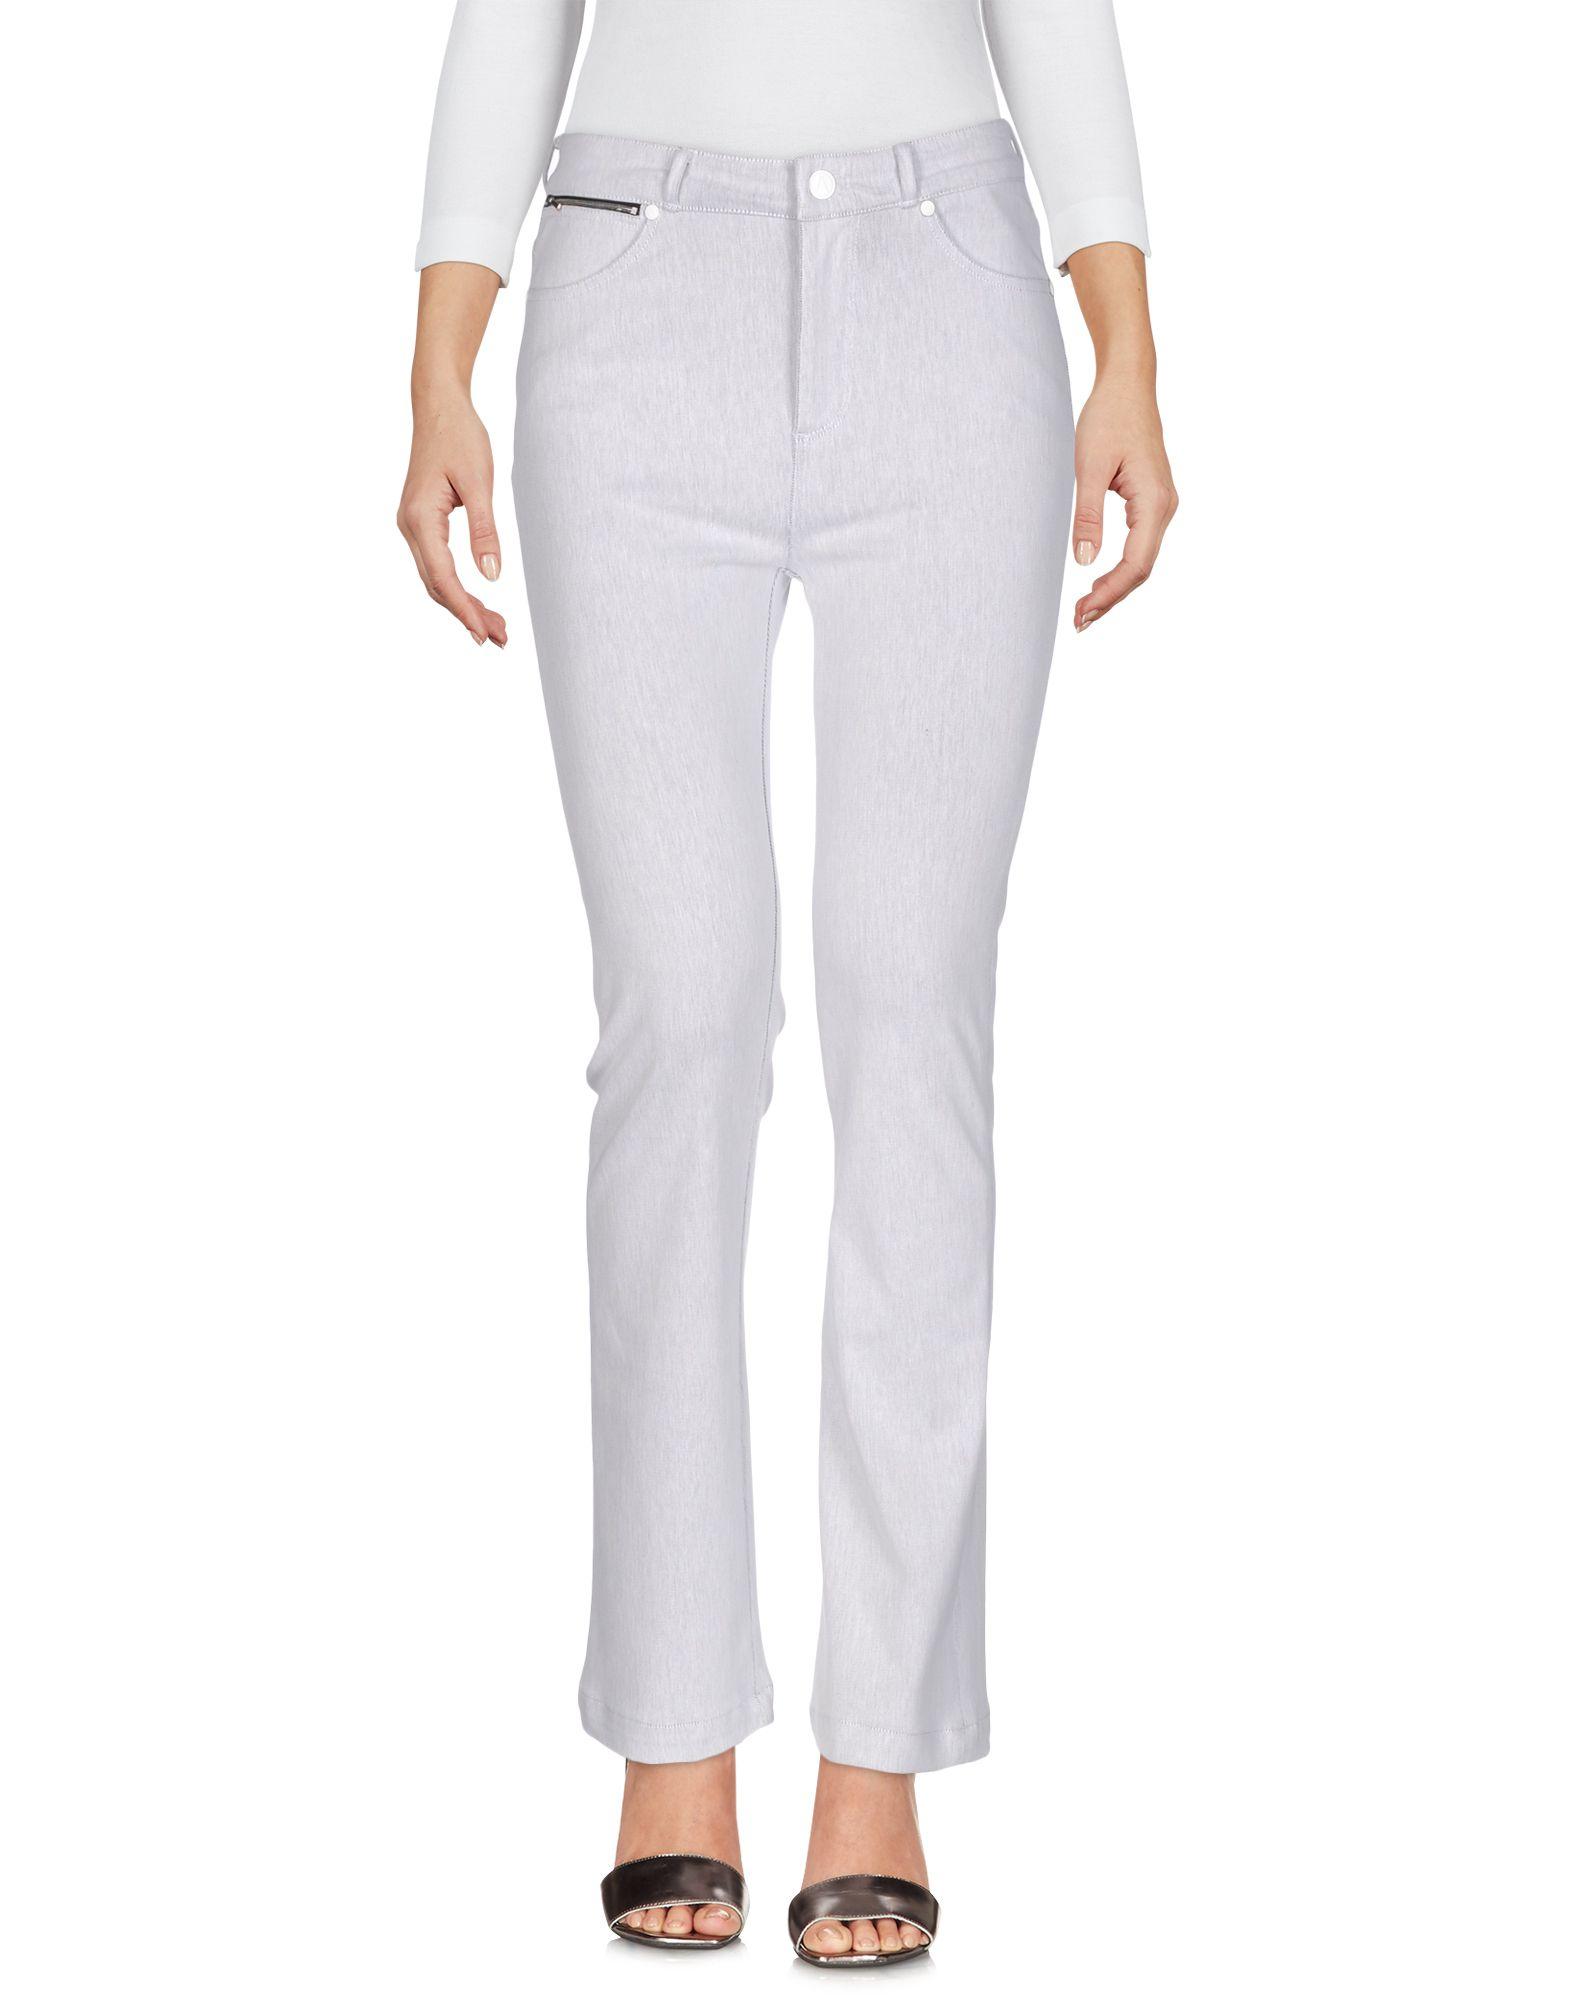 ФОТО acynetic Джинсовые брюки